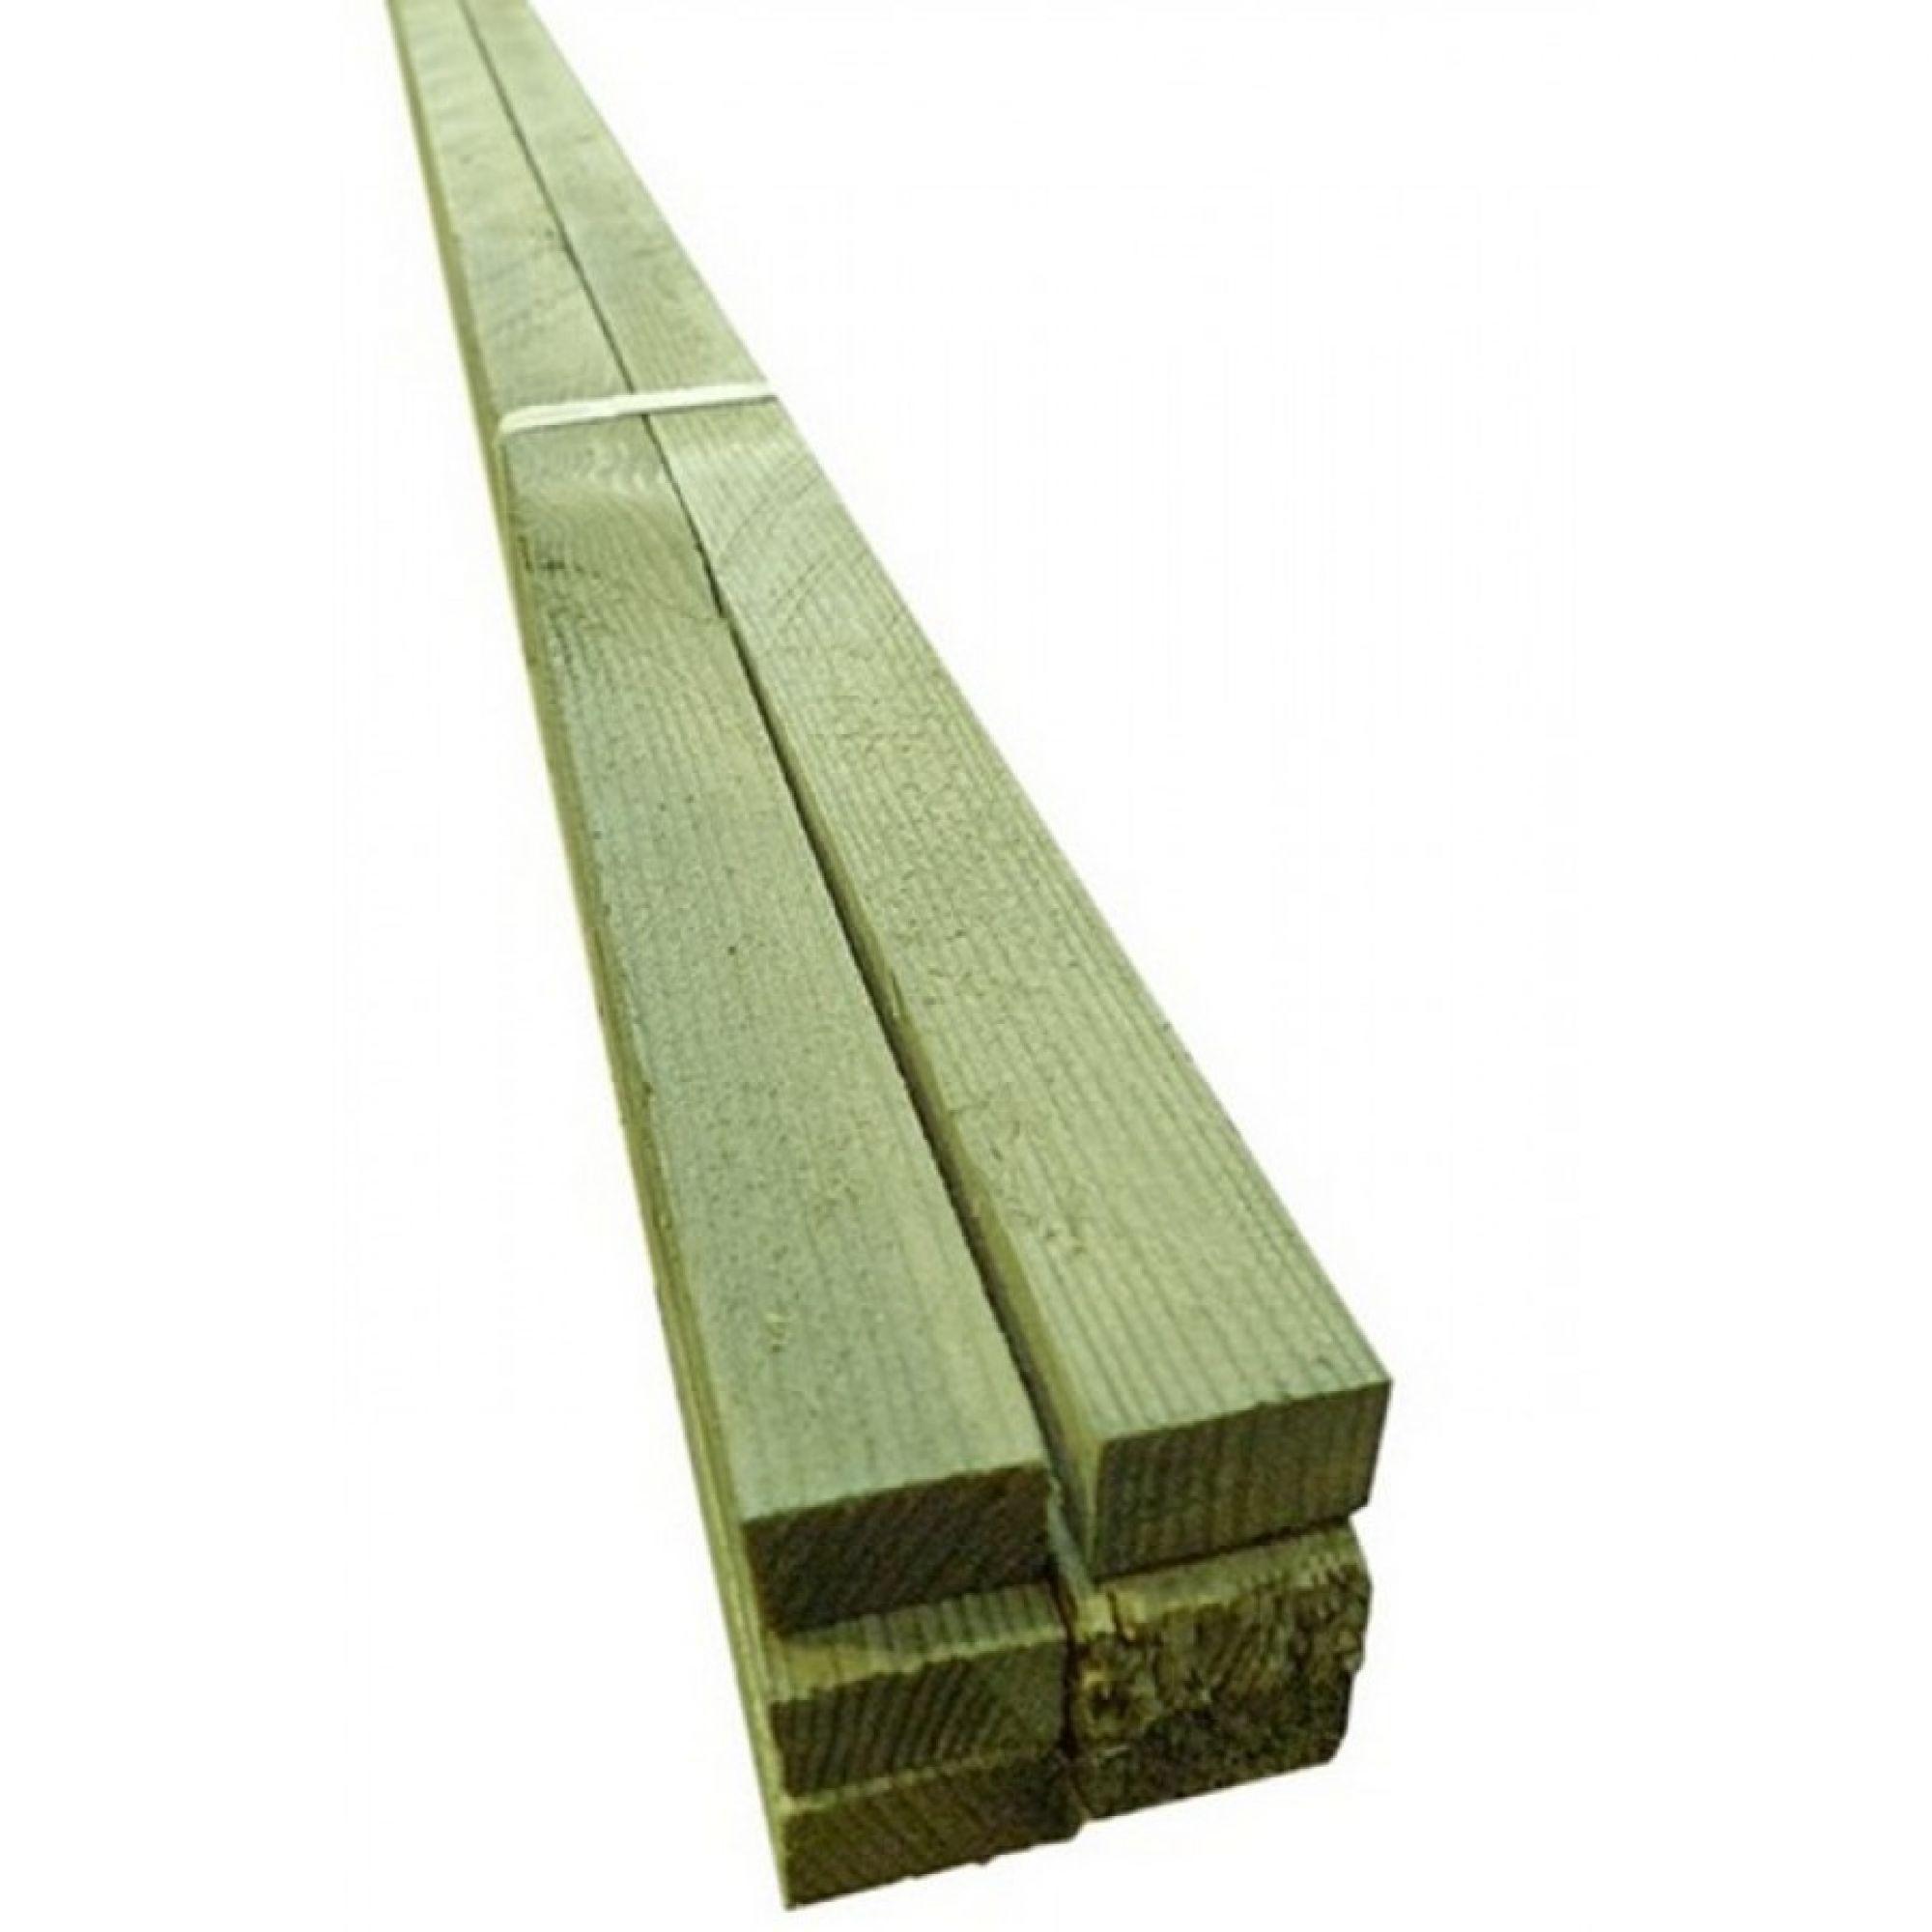 Tasseau Bois Exotique Exterieur pin autoclave pour l'exterieur : traitement autoclave cl. 4